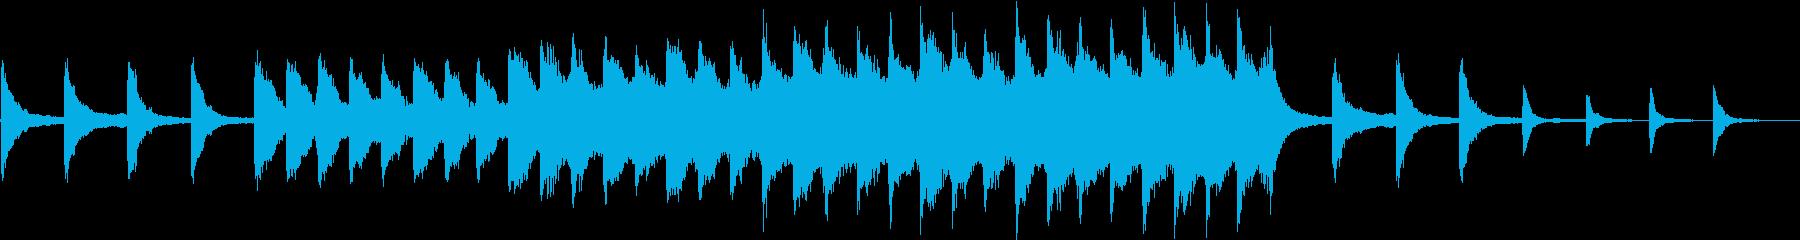 劇伴/儚い/虚しい/ピアノとストリングスの再生済みの波形